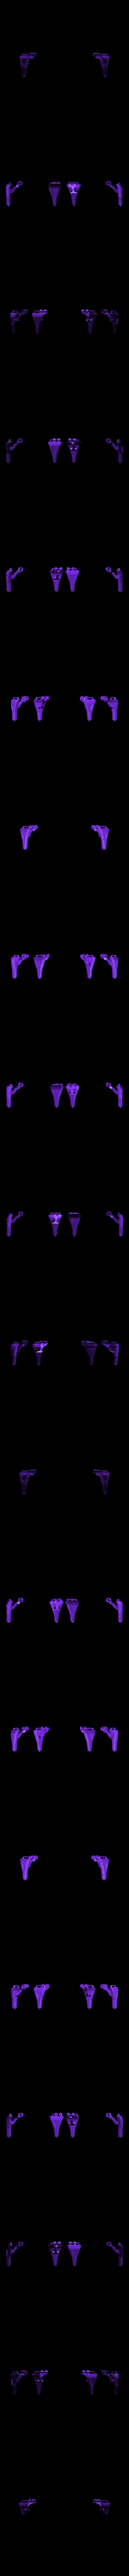 Leg_02.stl Télécharger fichier STL gratuit Possible Réservoir Sci-Fi - MK 01 • Plan imprimable en 3D, CarlCreates